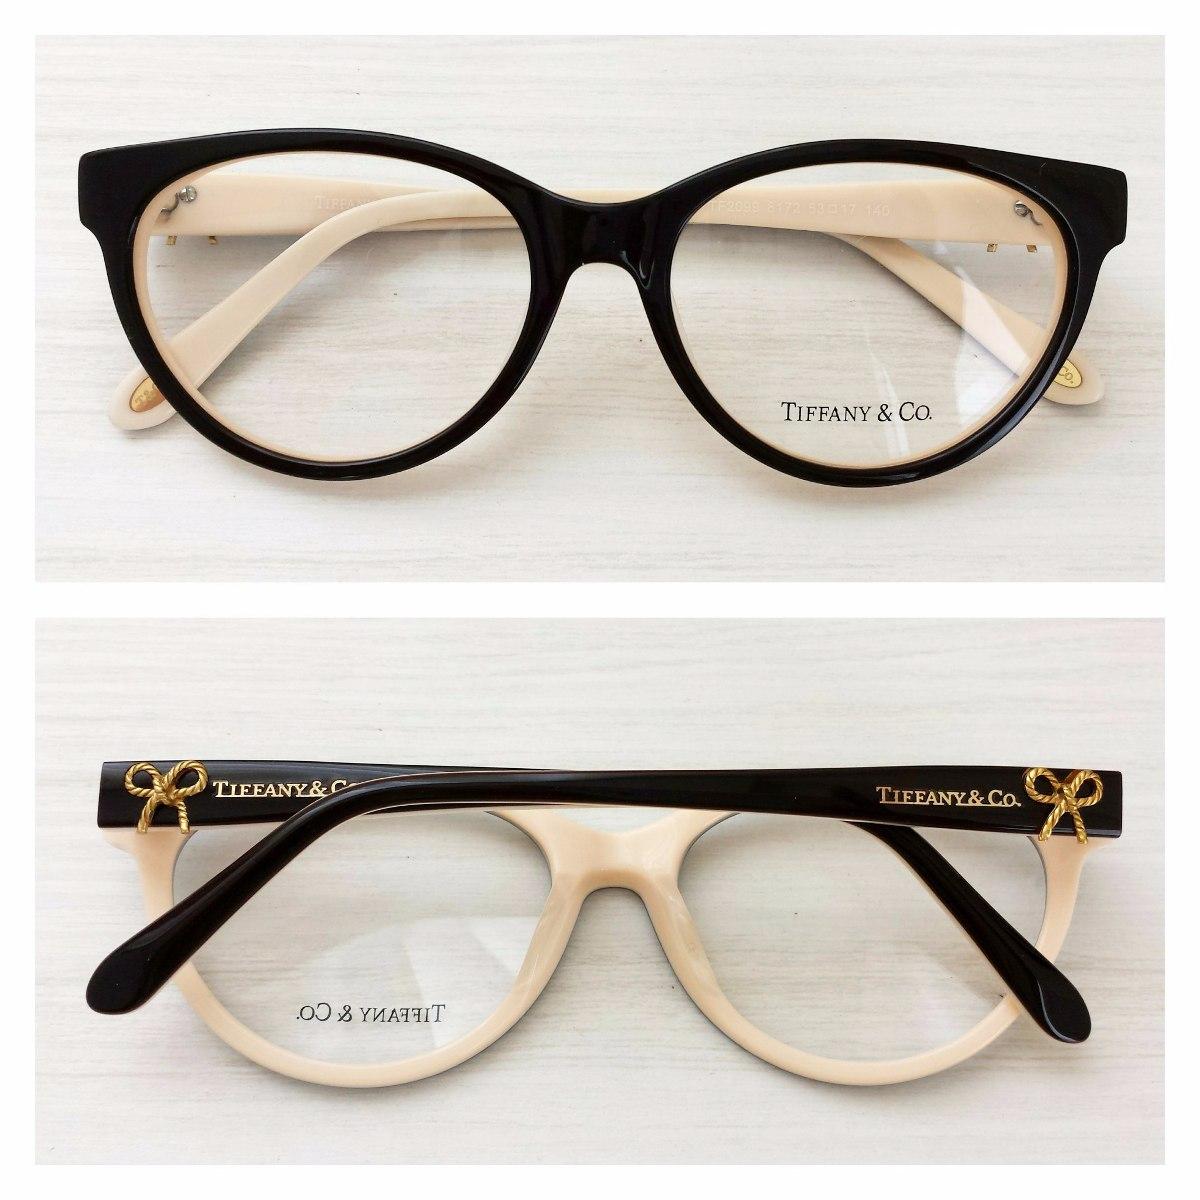 1eddc84e4 Armação Óculos De Grau Feminino Acetato Tf2099 - R$ 134,90 em Mercado Livre